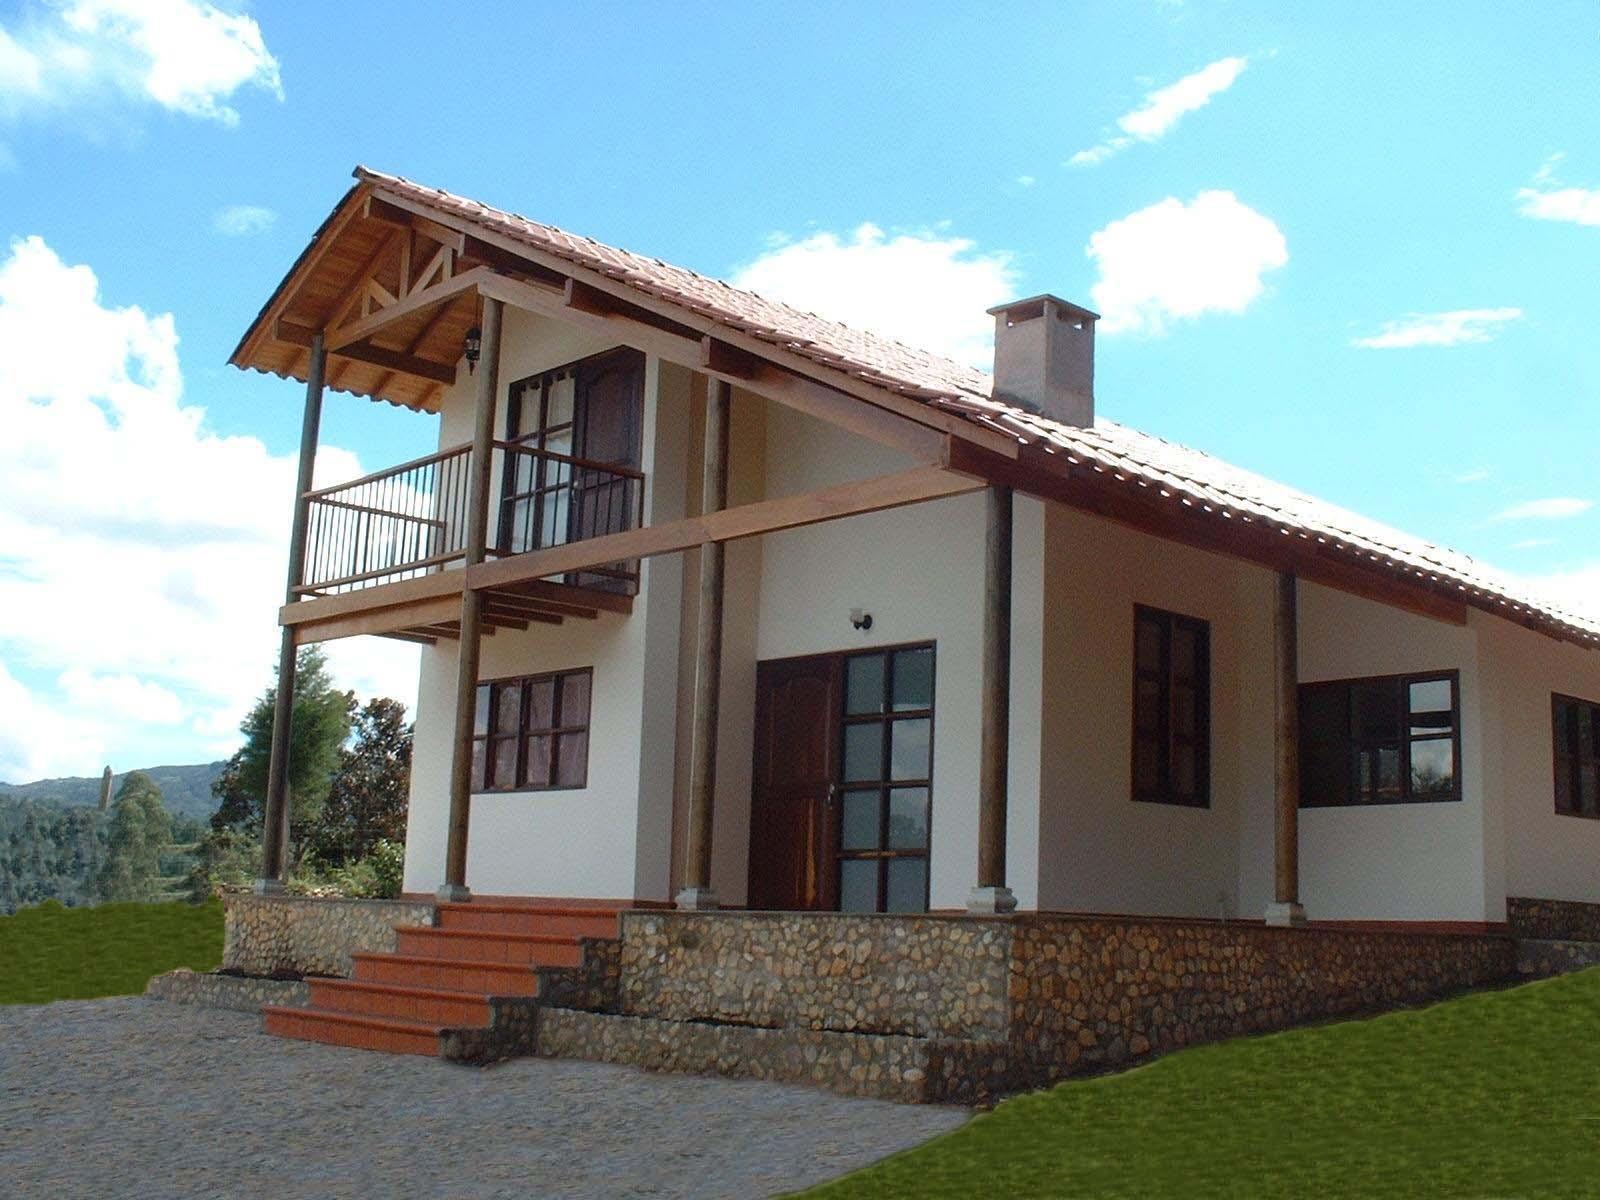 Las mejores casas prefabricadas las mejores casas - Imagenes casas prefabricadas ...